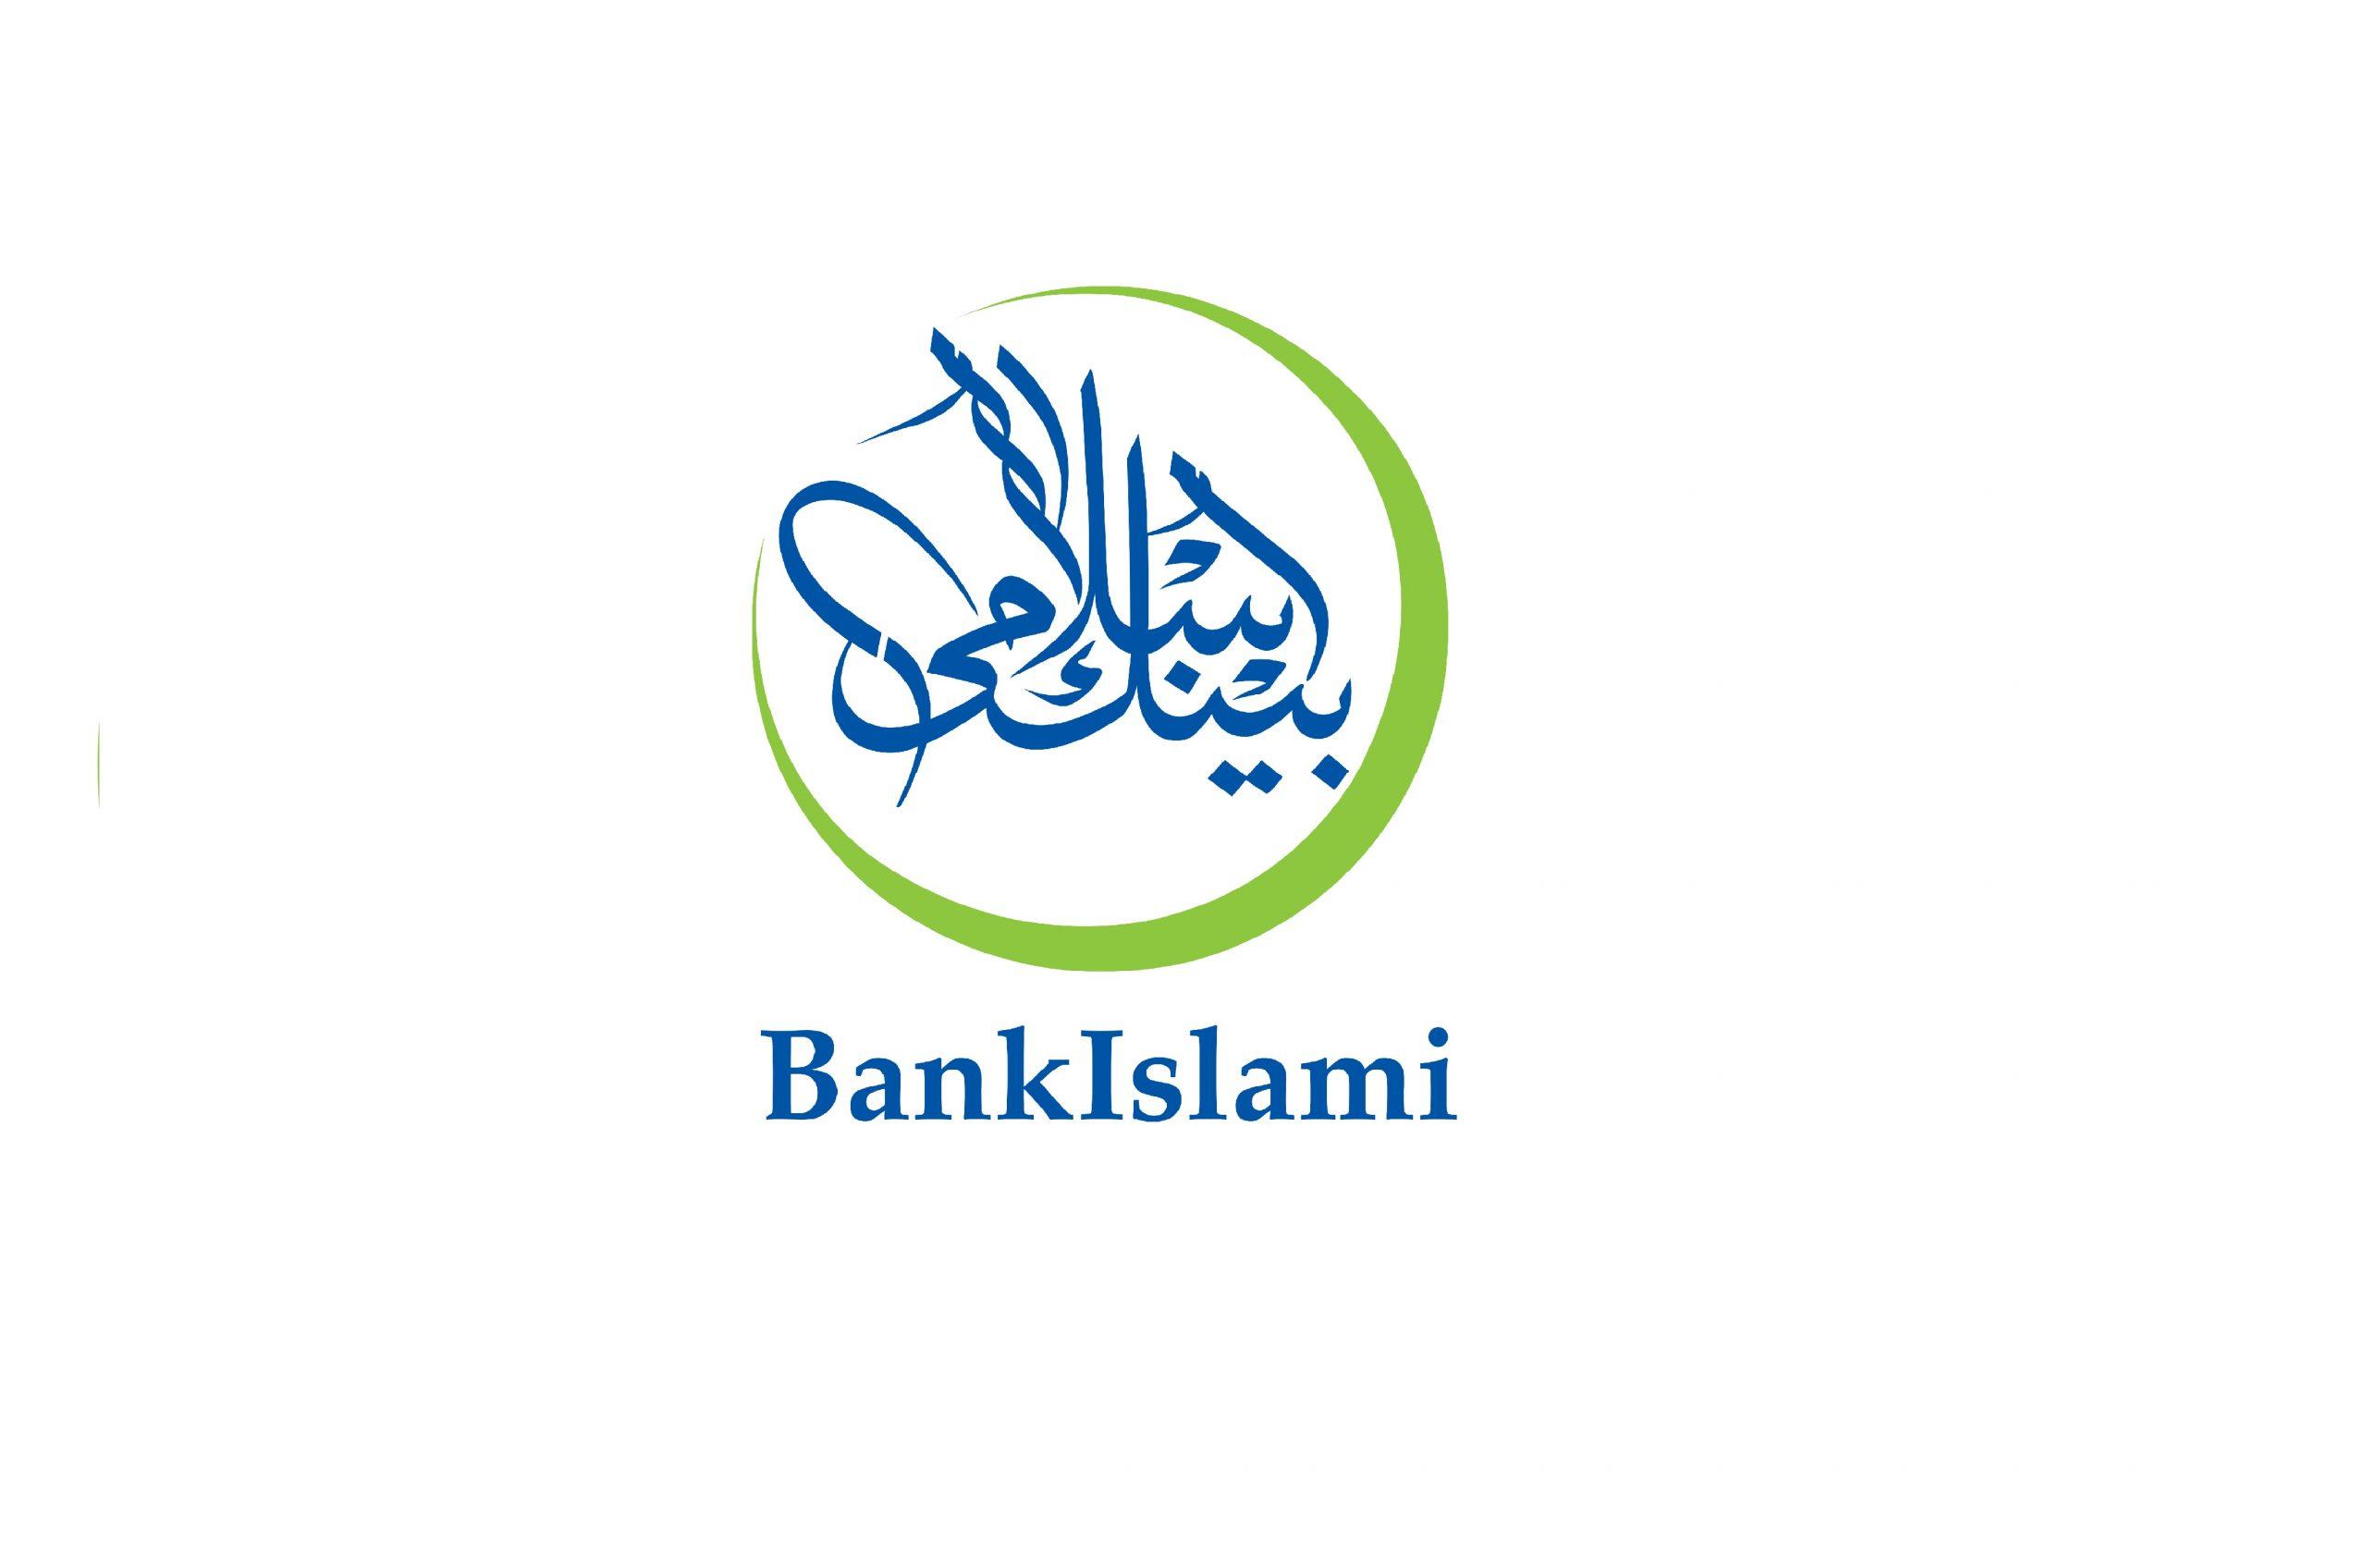 Bankislami-TechJuice